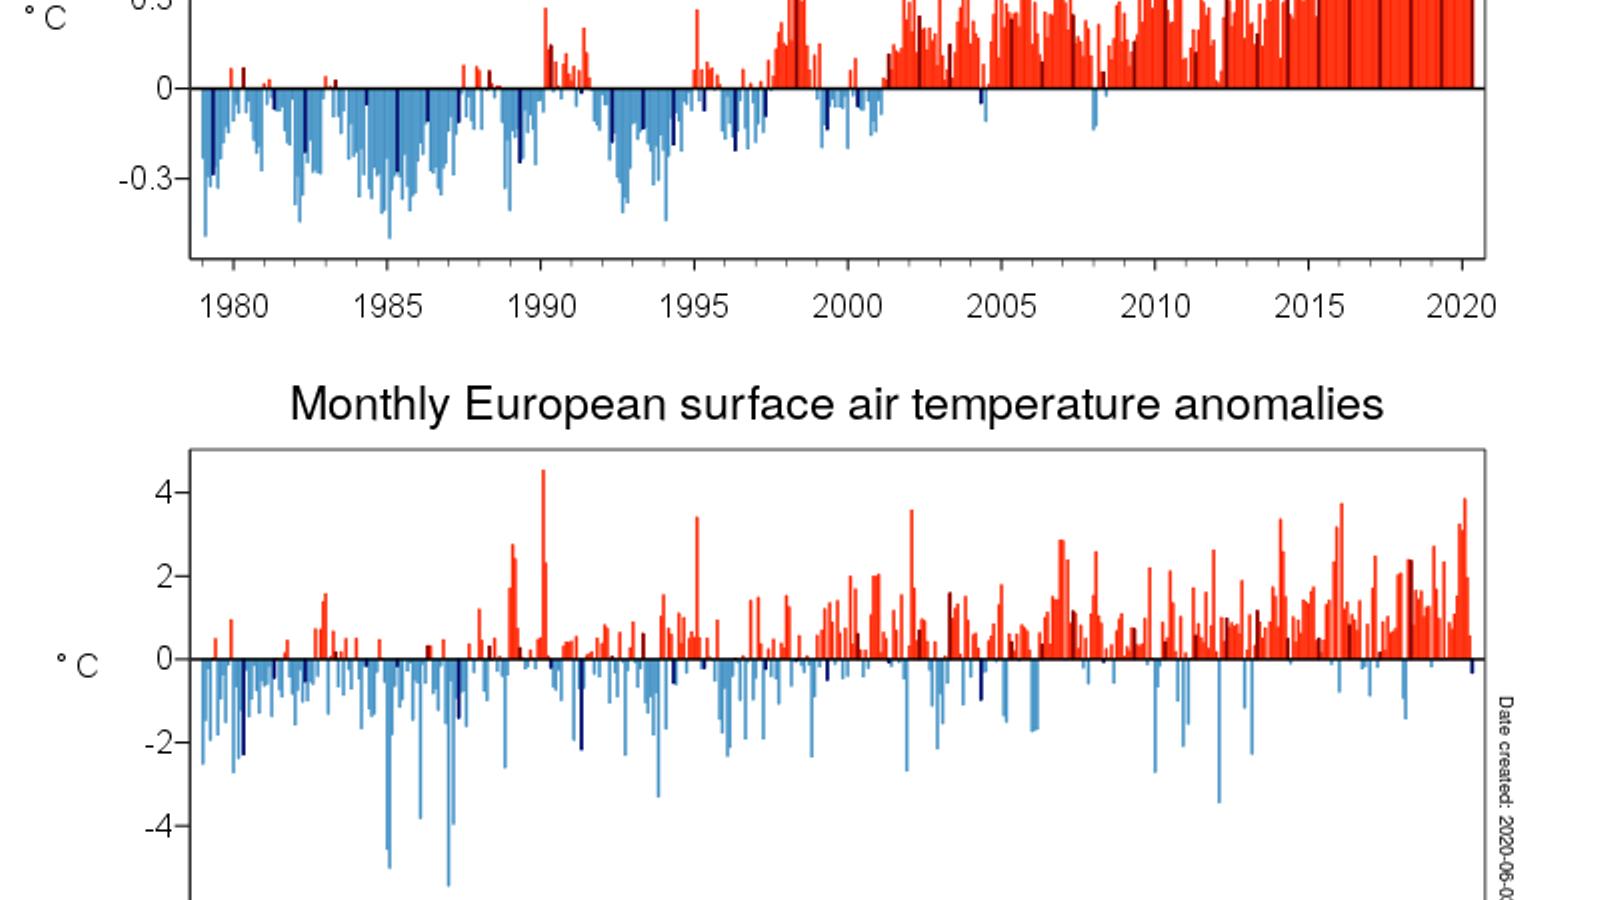 Al conjunt d'Europa, el mes de maig ha presentat una anomalia negativa de 0,3 graus